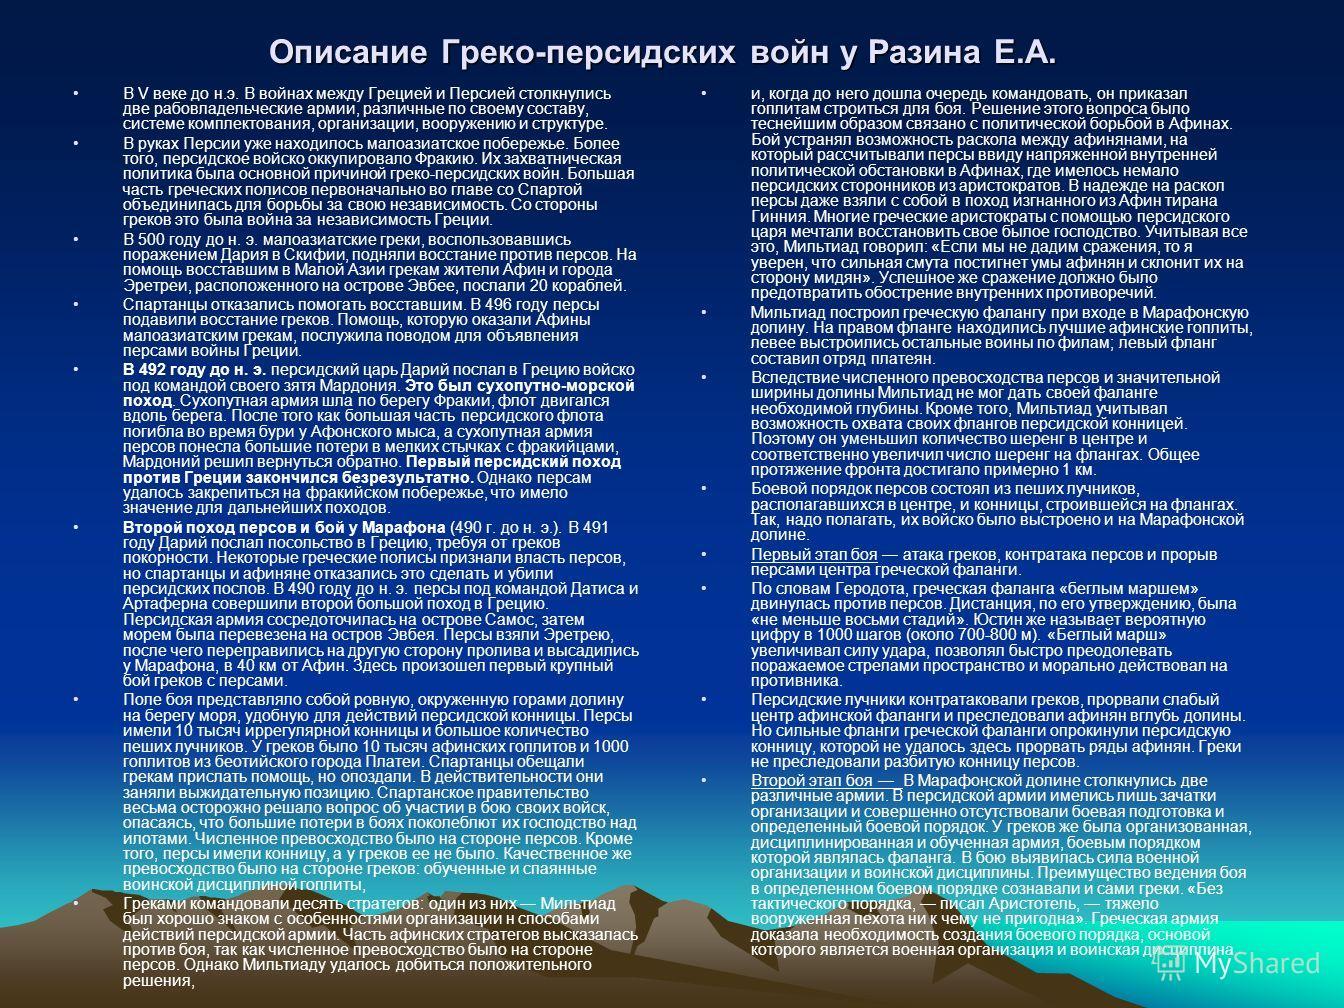 Описание Греко-персидских войн у Разина Е.А. В V веке до н.э. В войнах между Грецией и Персией столкнулись две рабовладельческие армии, различные по своему составу, системе комплектования, организации, вооружению и структуре. В руках Персии уже наход